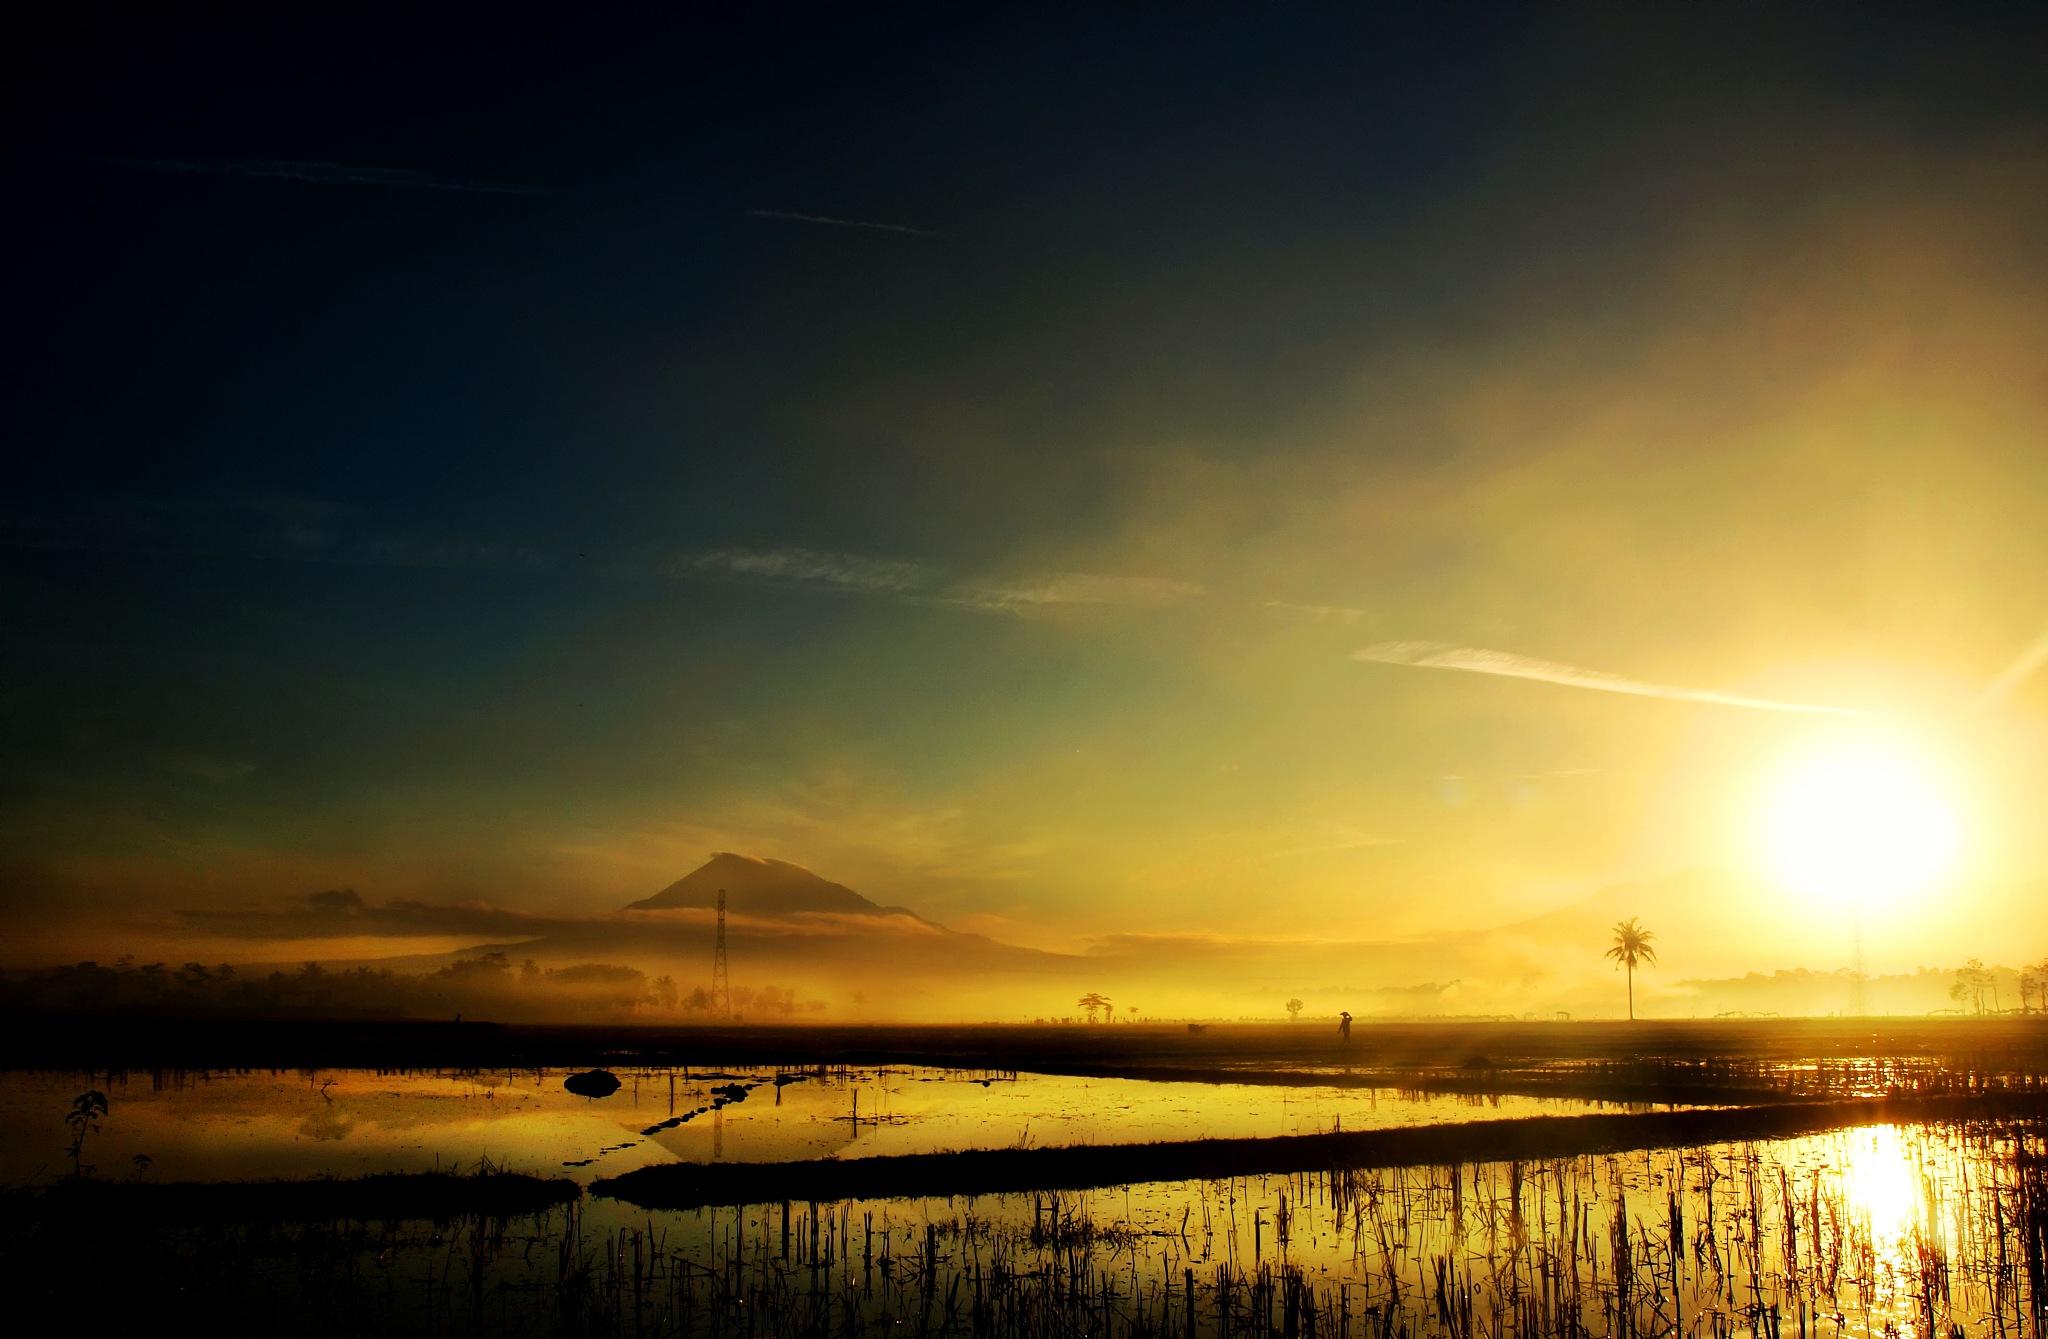 sunrise by banyugeni154